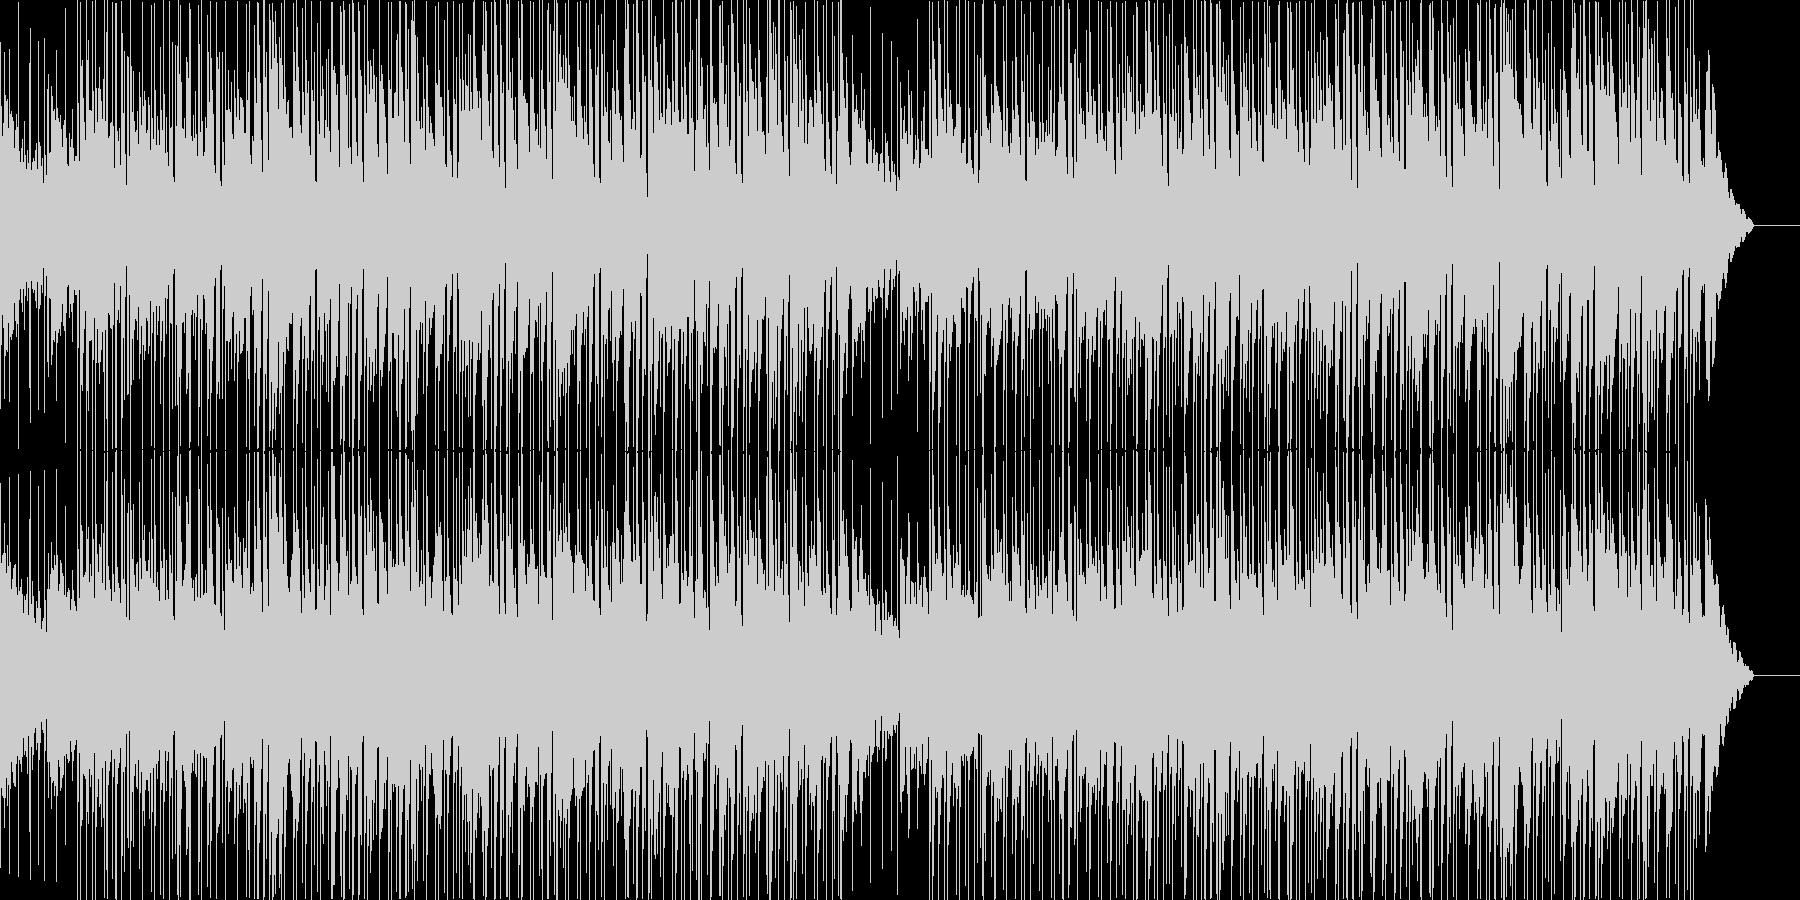 シンプルでクリーンな印象の解説向けBGMの未再生の波形